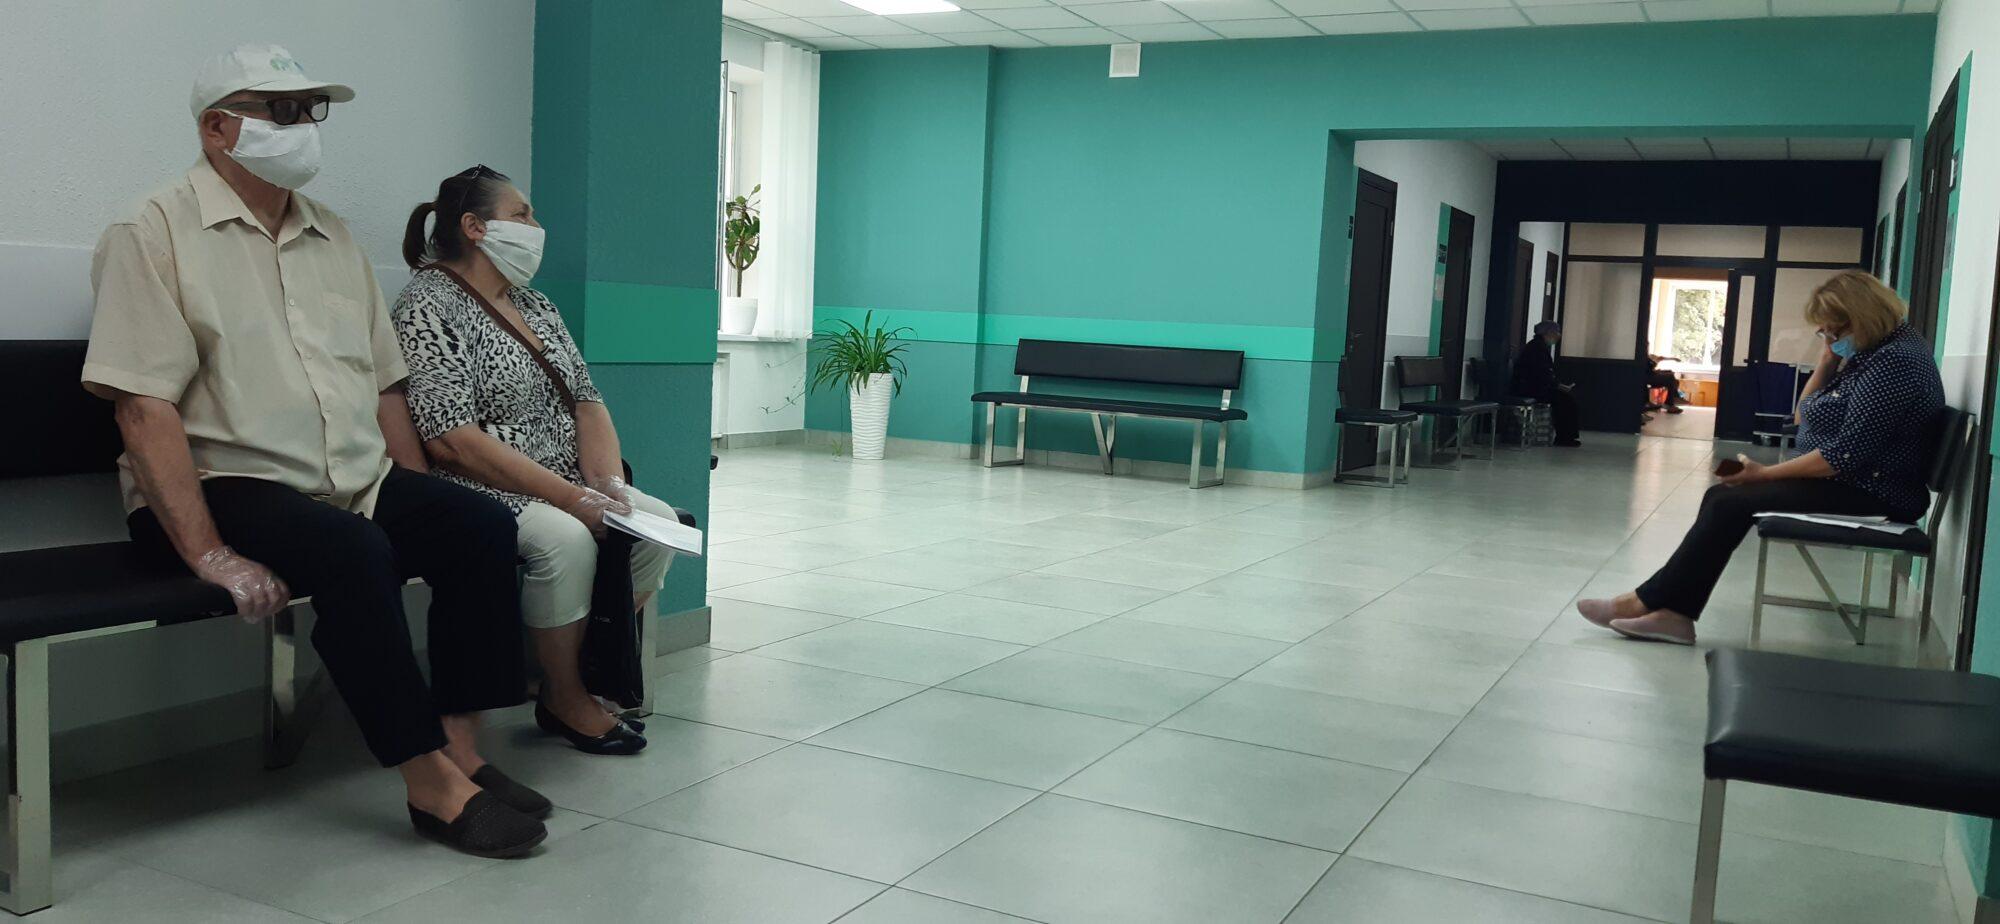 У інфекційному відділенні бориспільської лікарні померли 32 людей - коронавірус, інфекційне відділення - 20200915 105512 2000x924